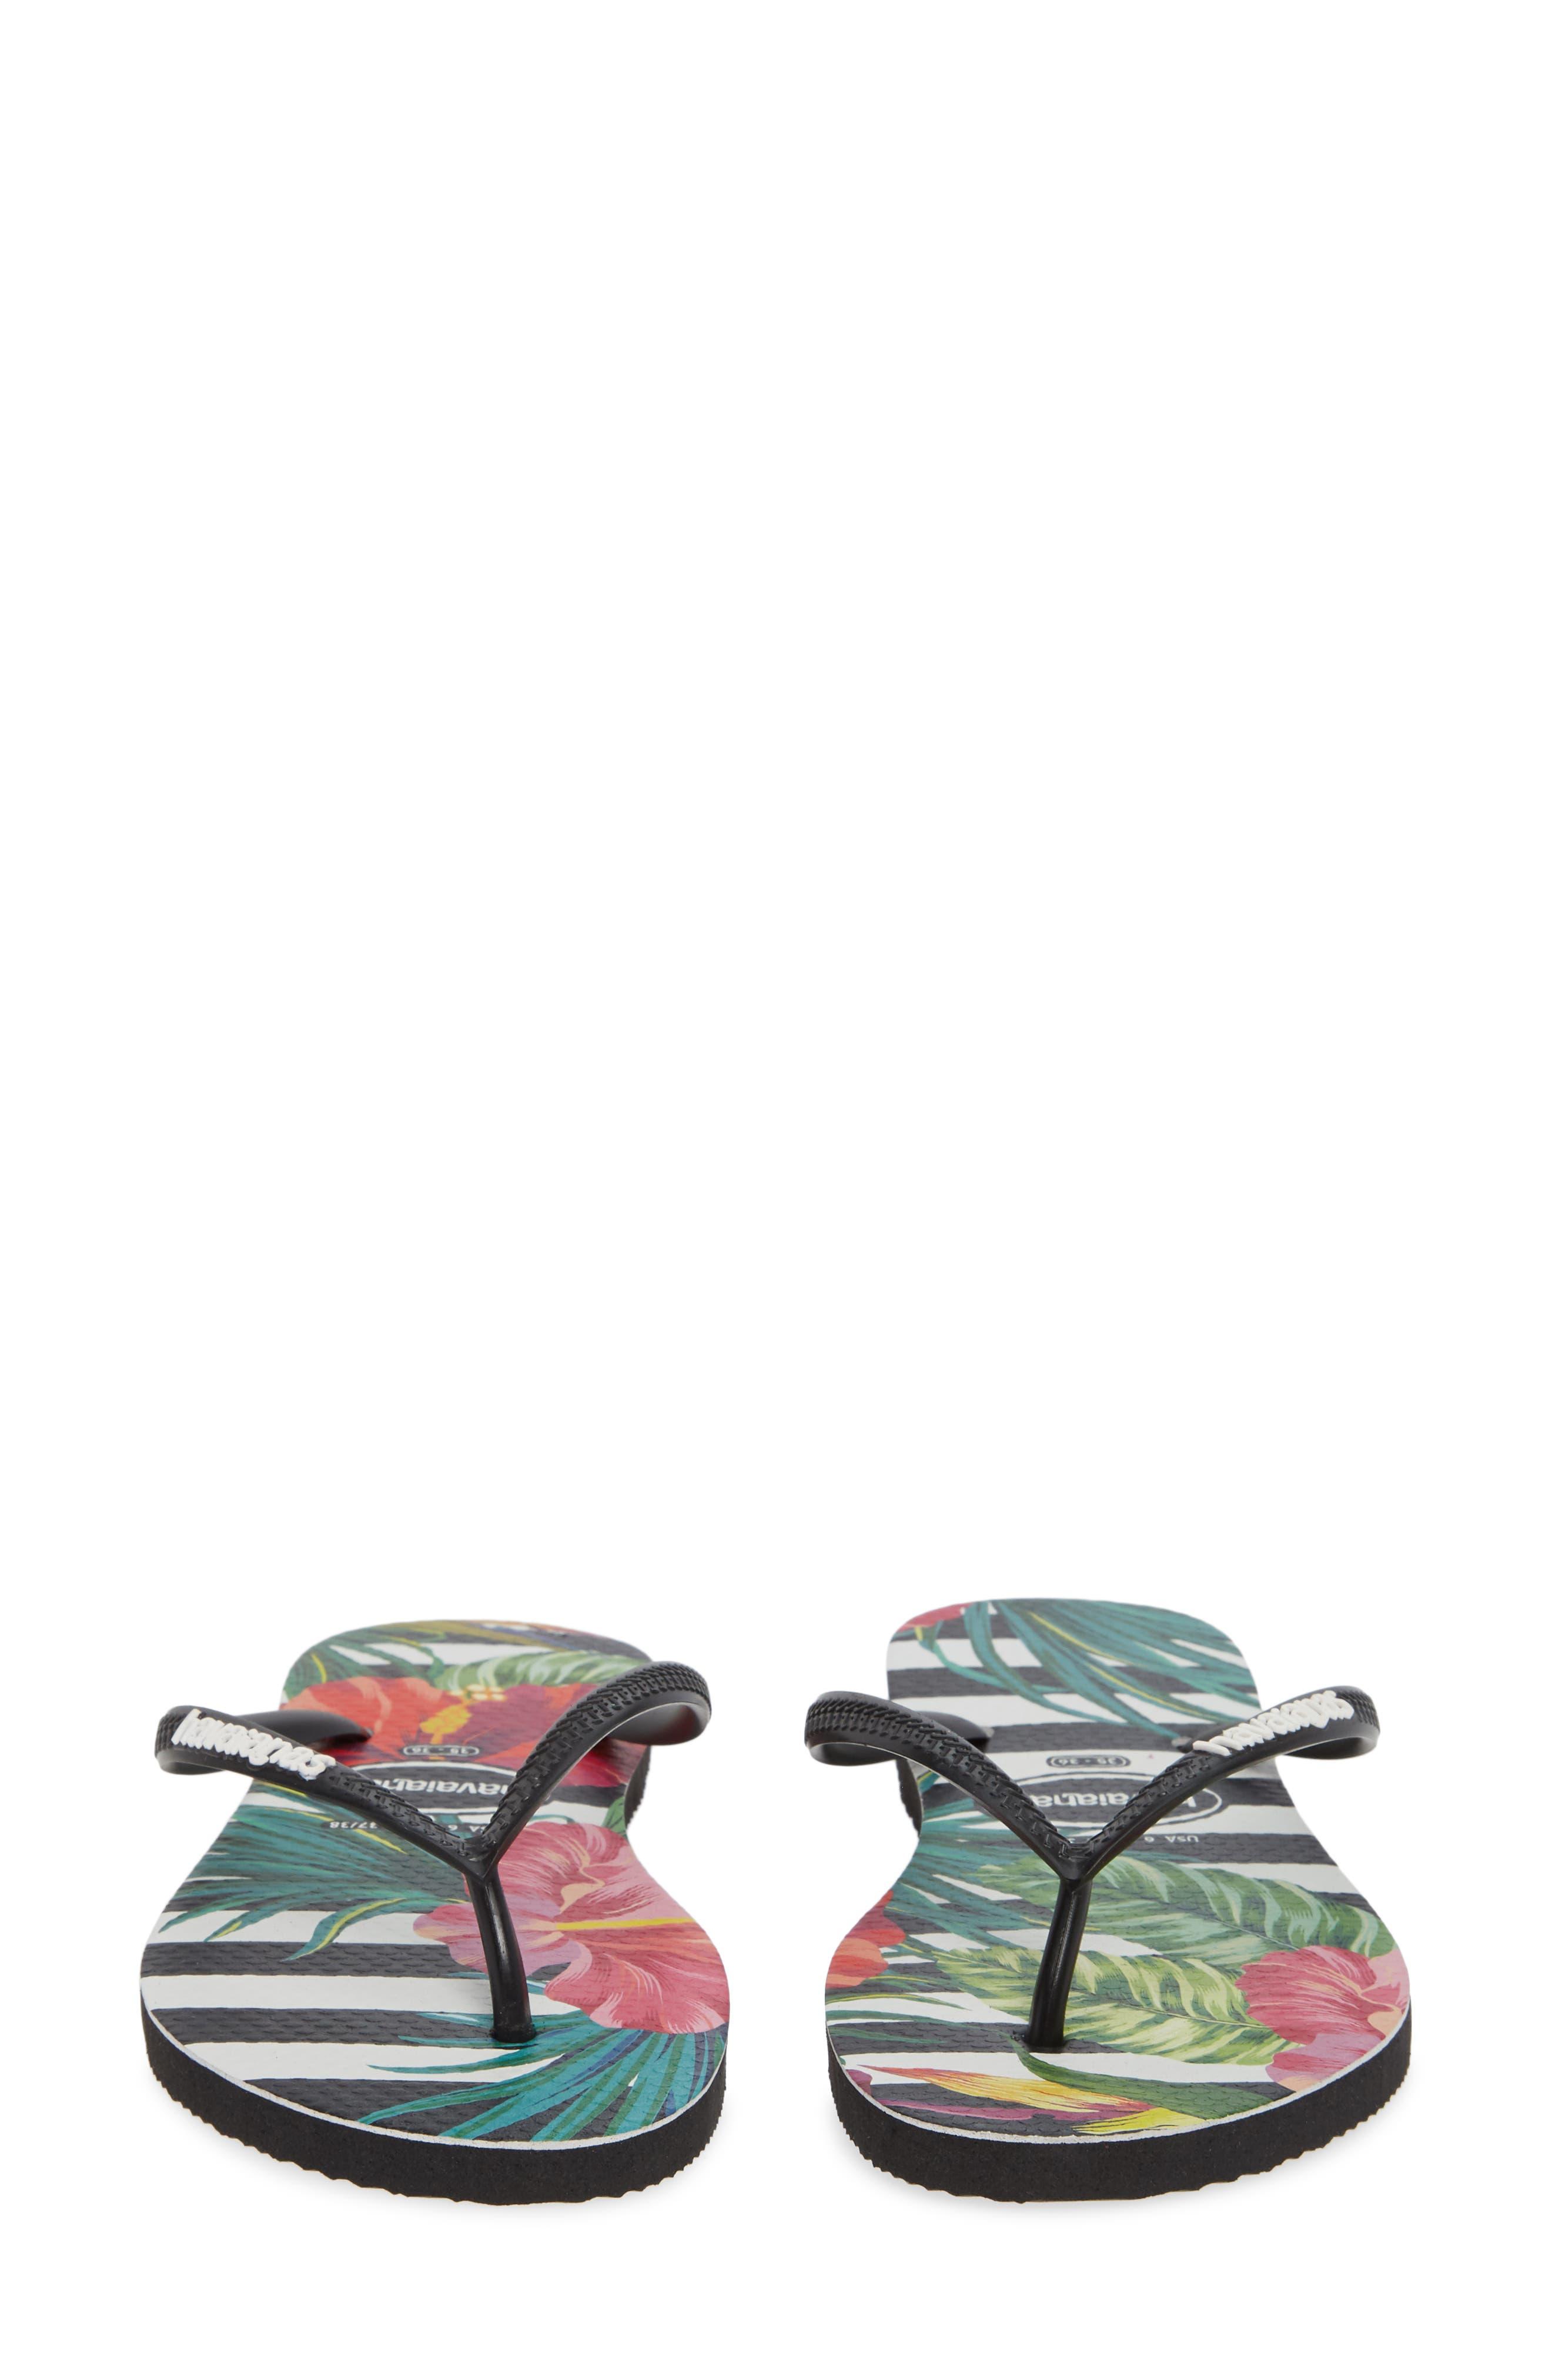 HAVAIANAS, Slim Tropical Floral Flip Flop, Alternate thumbnail 5, color, BLACK/ WHITE